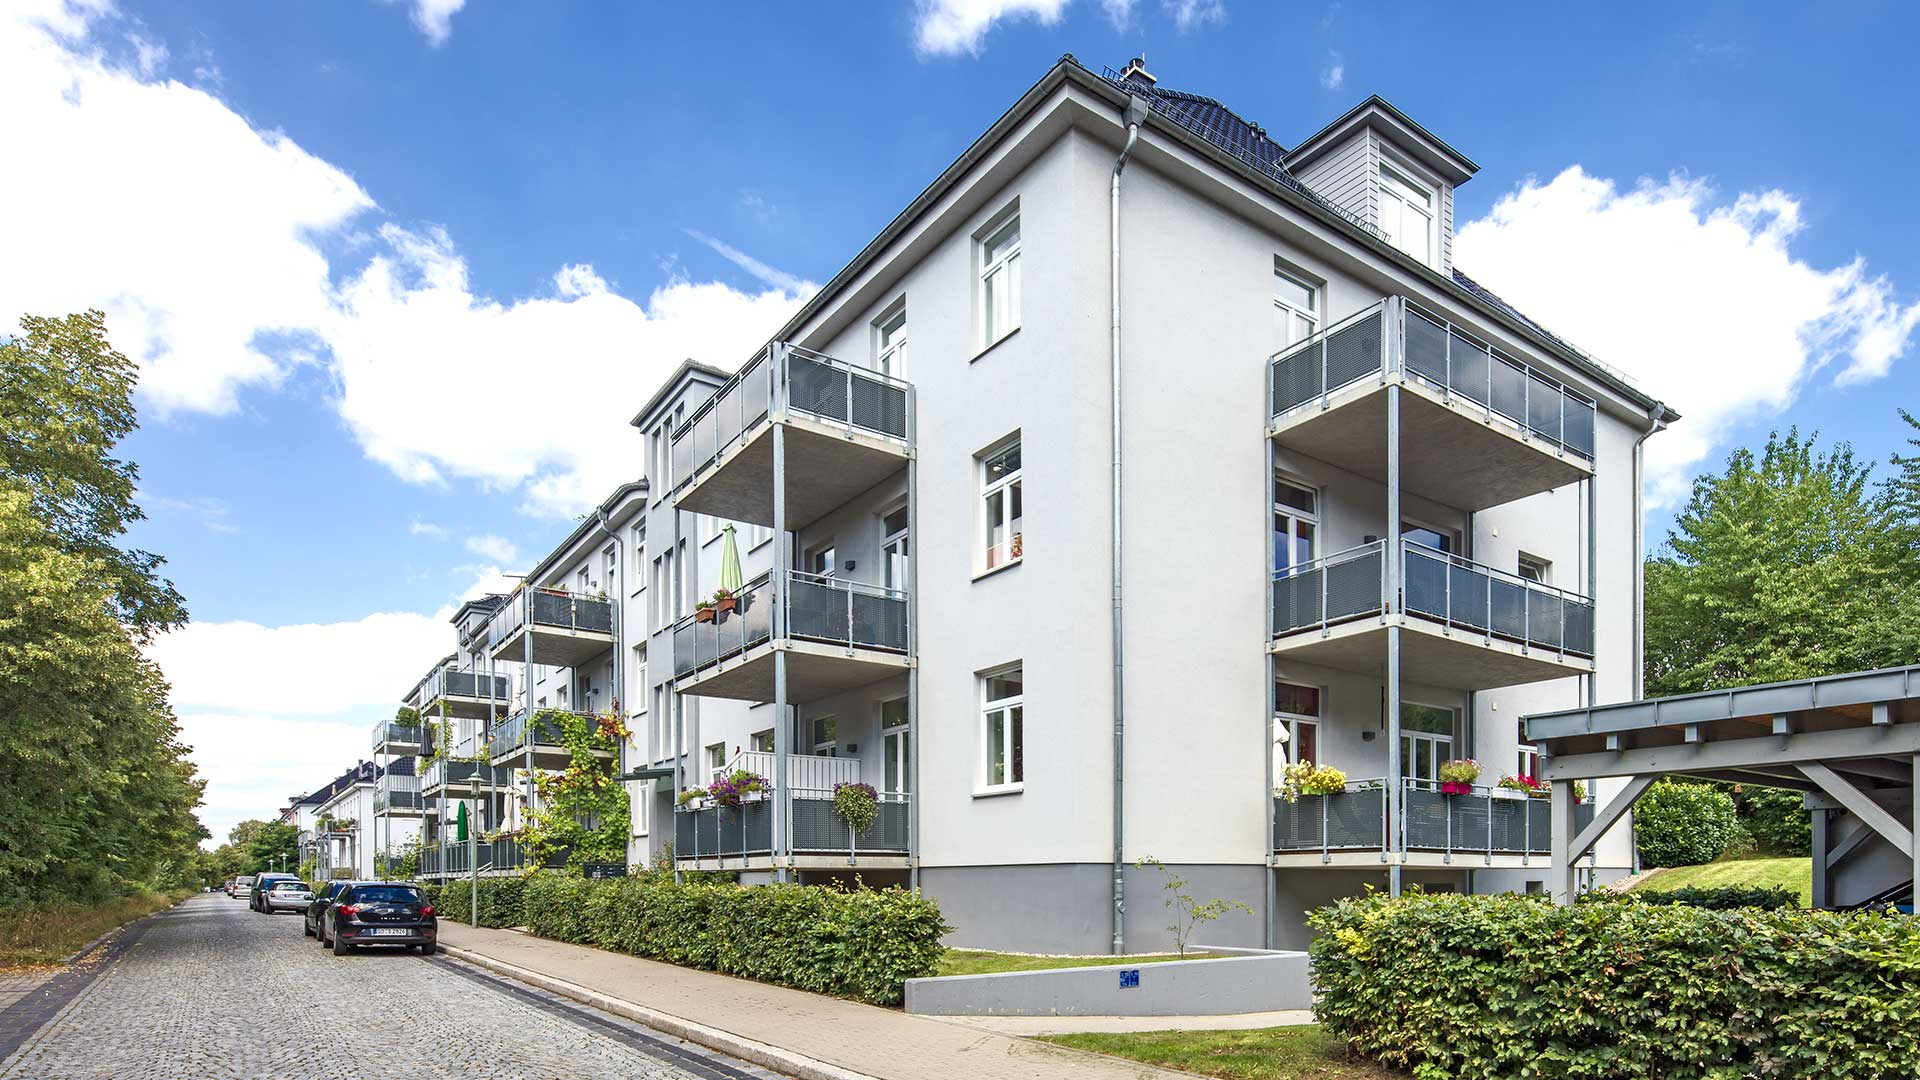 Architekturfotografie: Neubausiedlung | Foto: Dieter Eikenberg, imprints